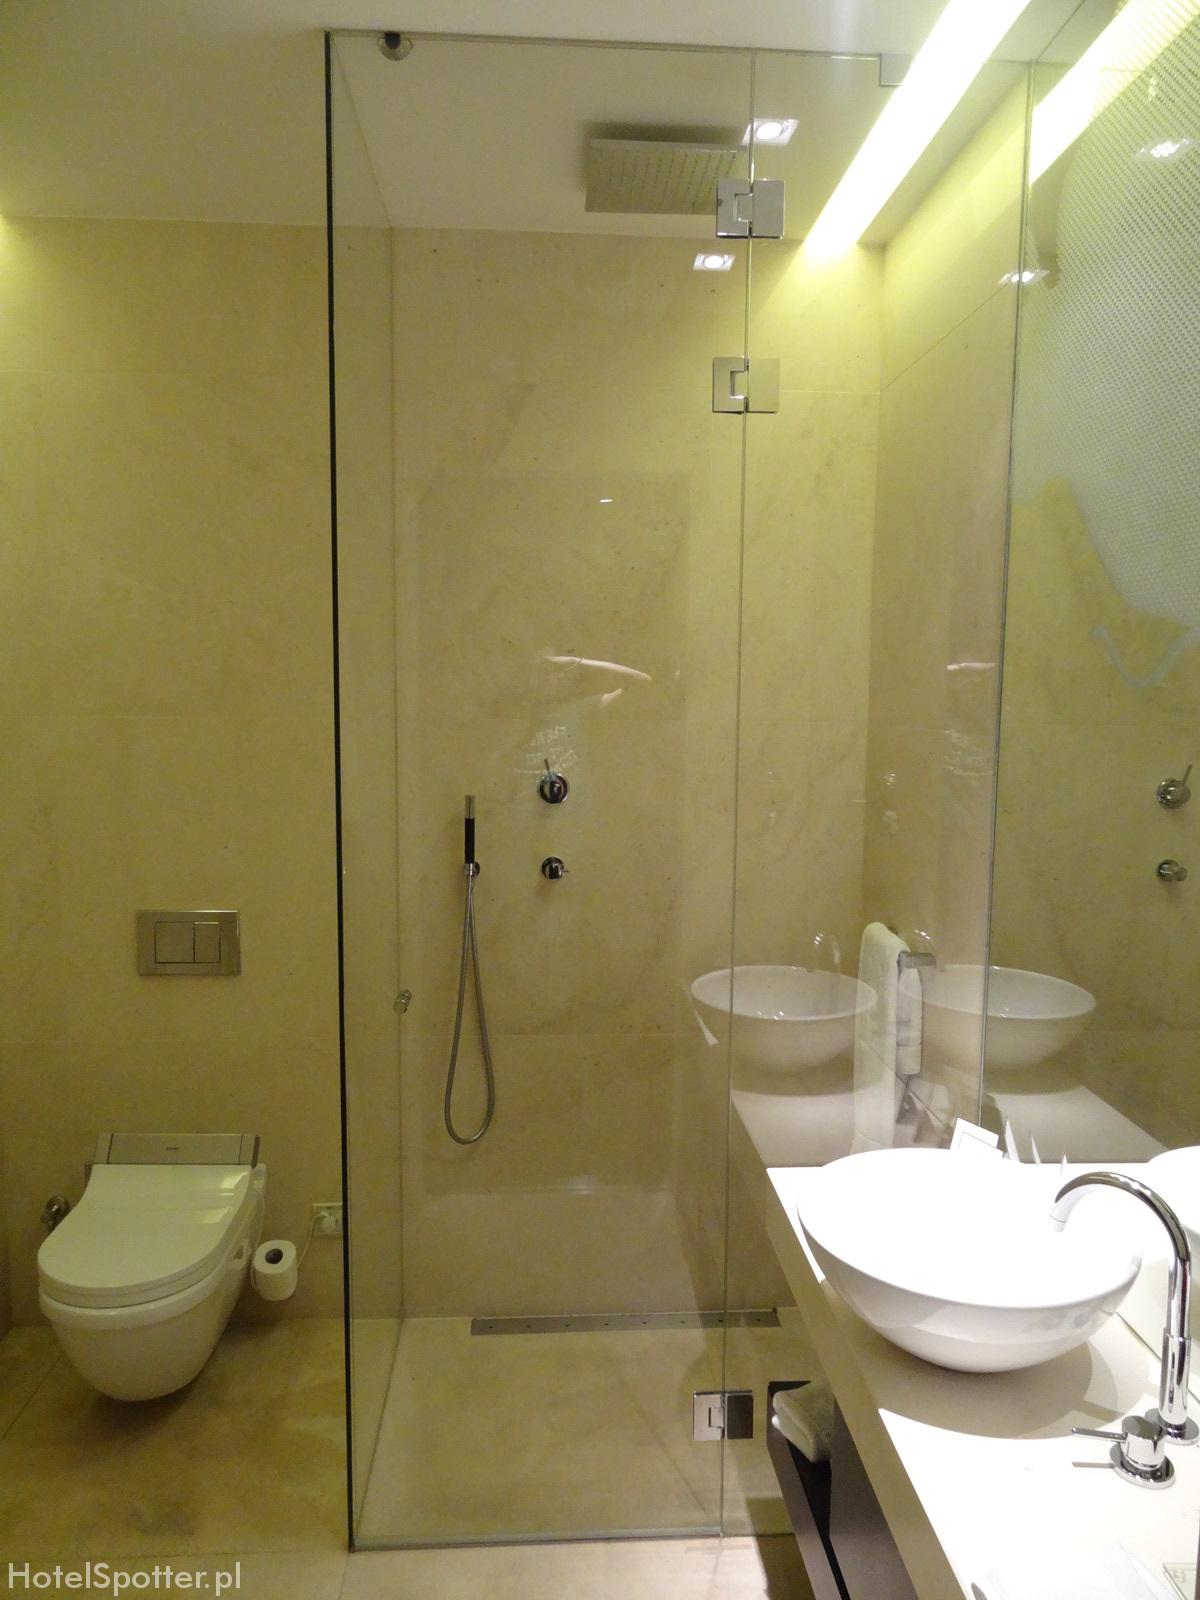 Buddha-Bar Hotel Budapest bathroom